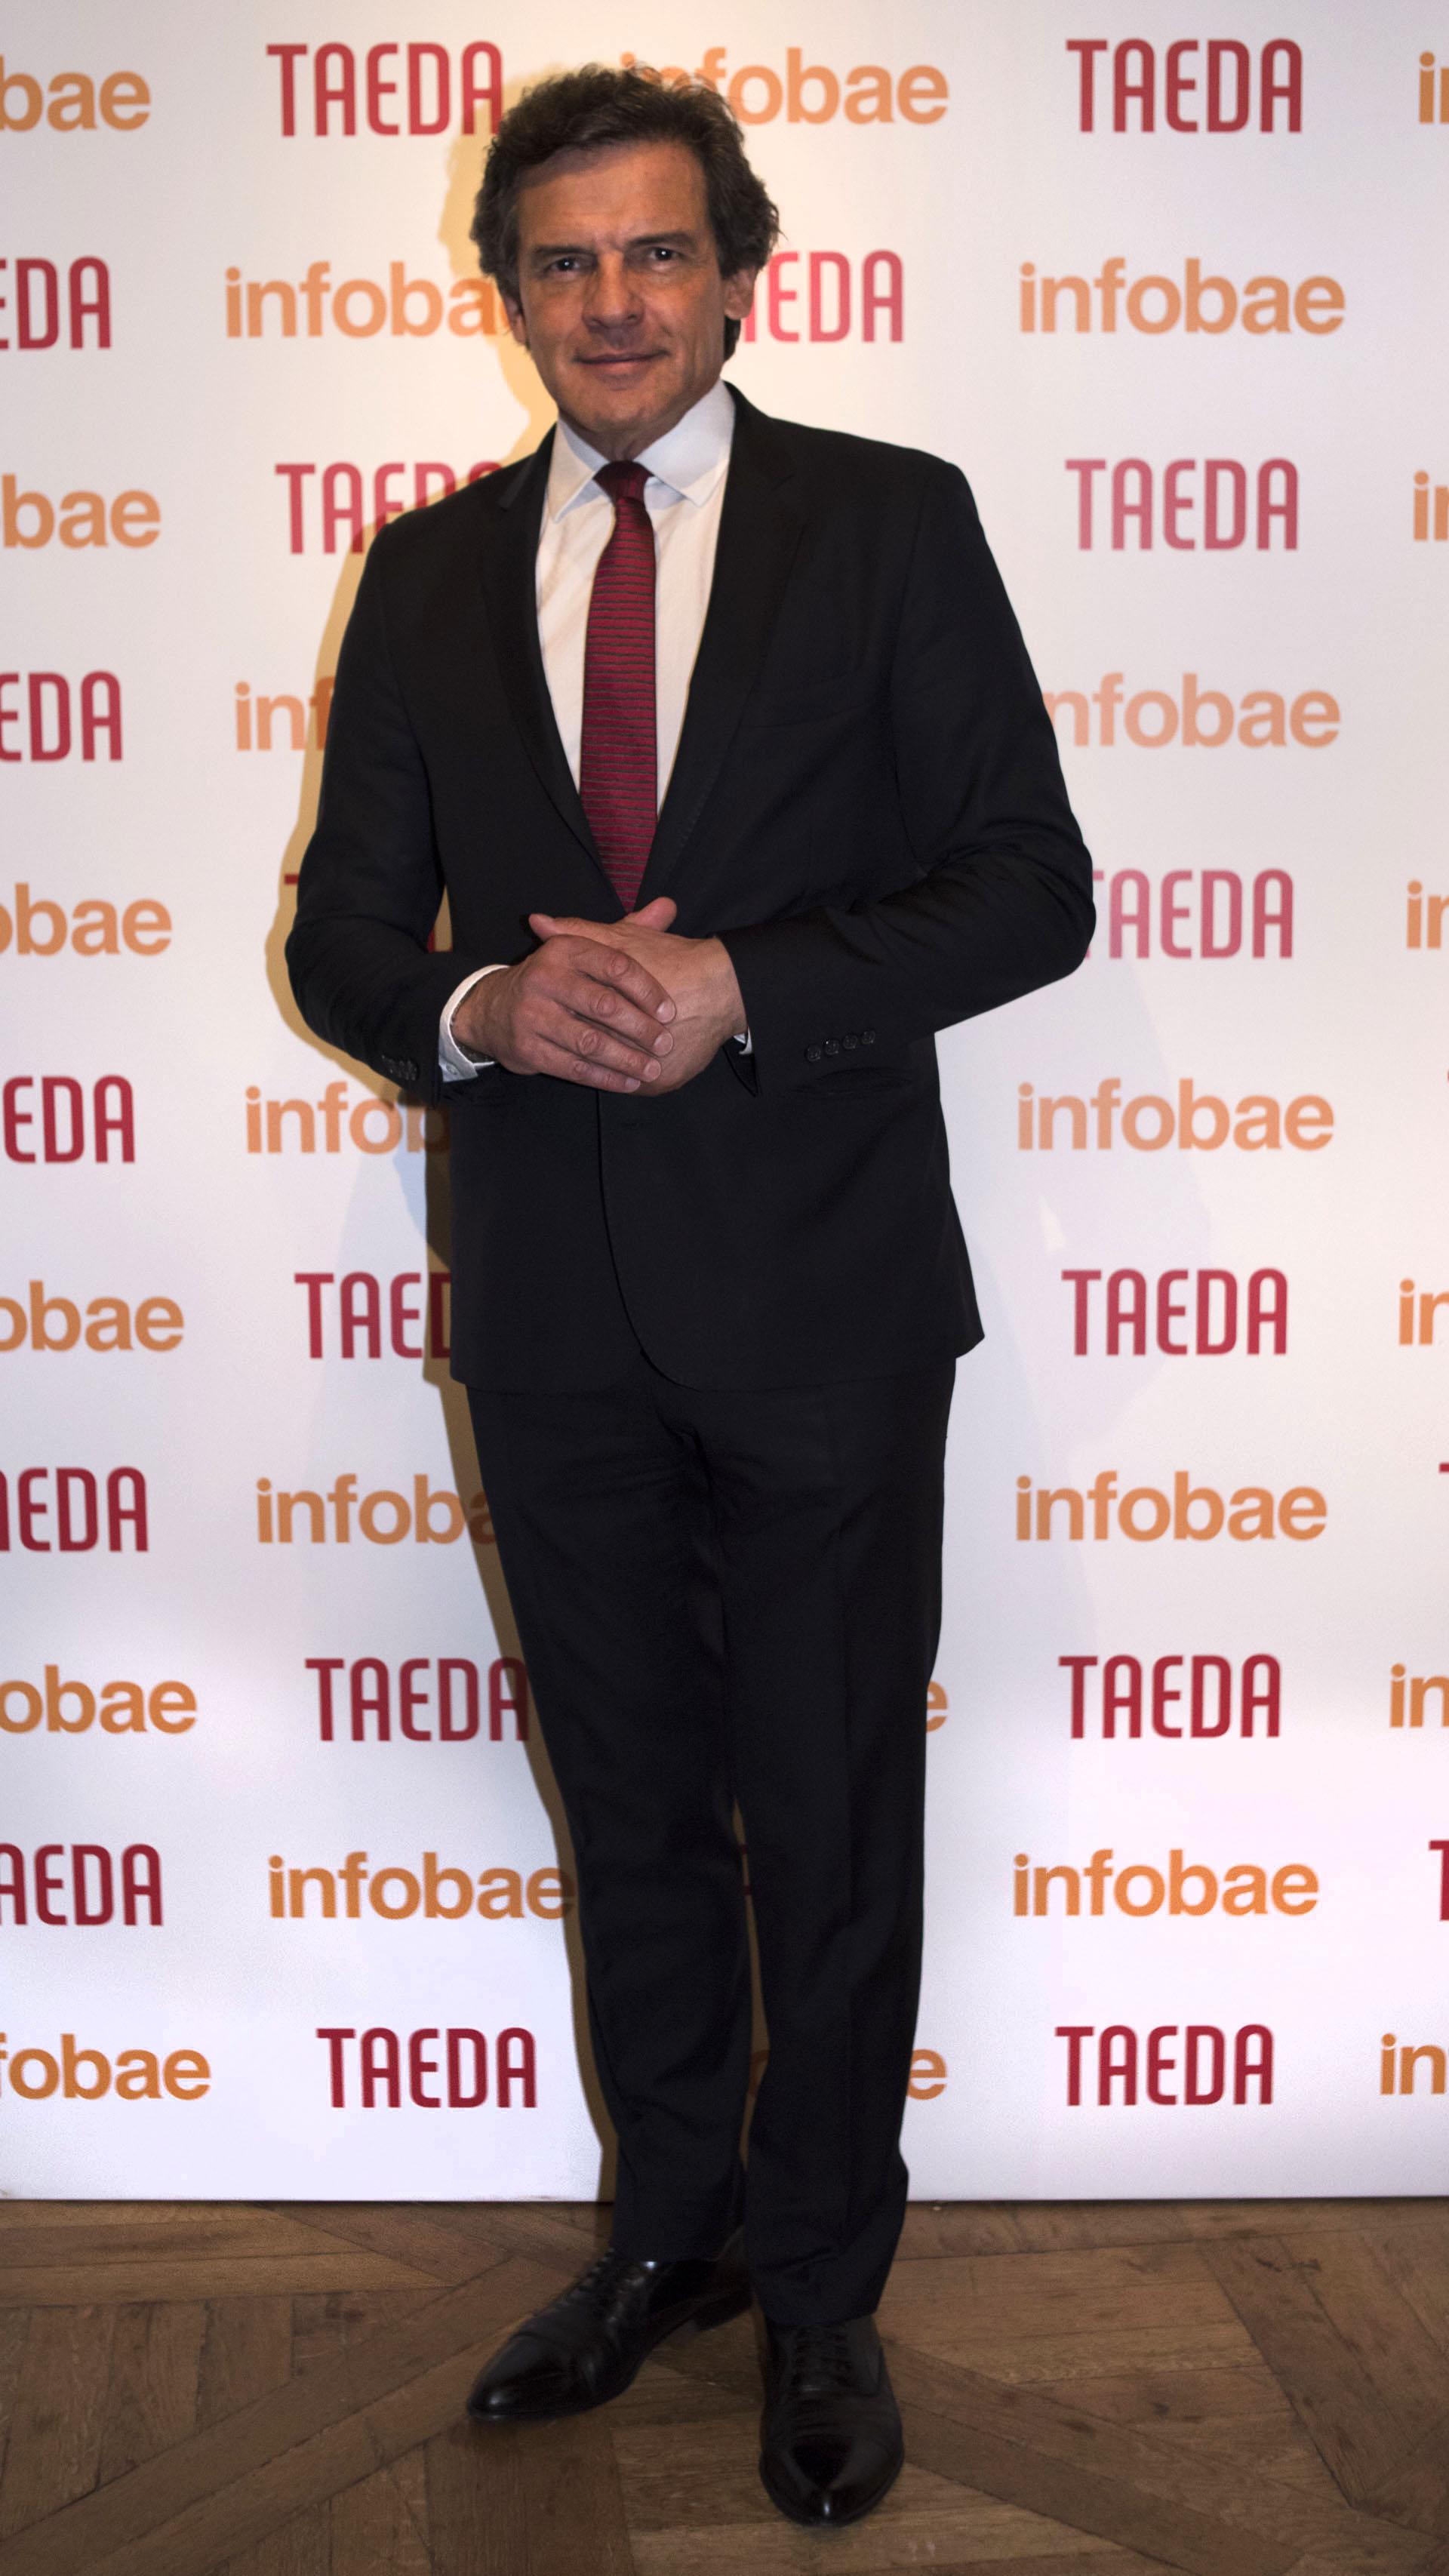 El periodista Claudio Rígoli